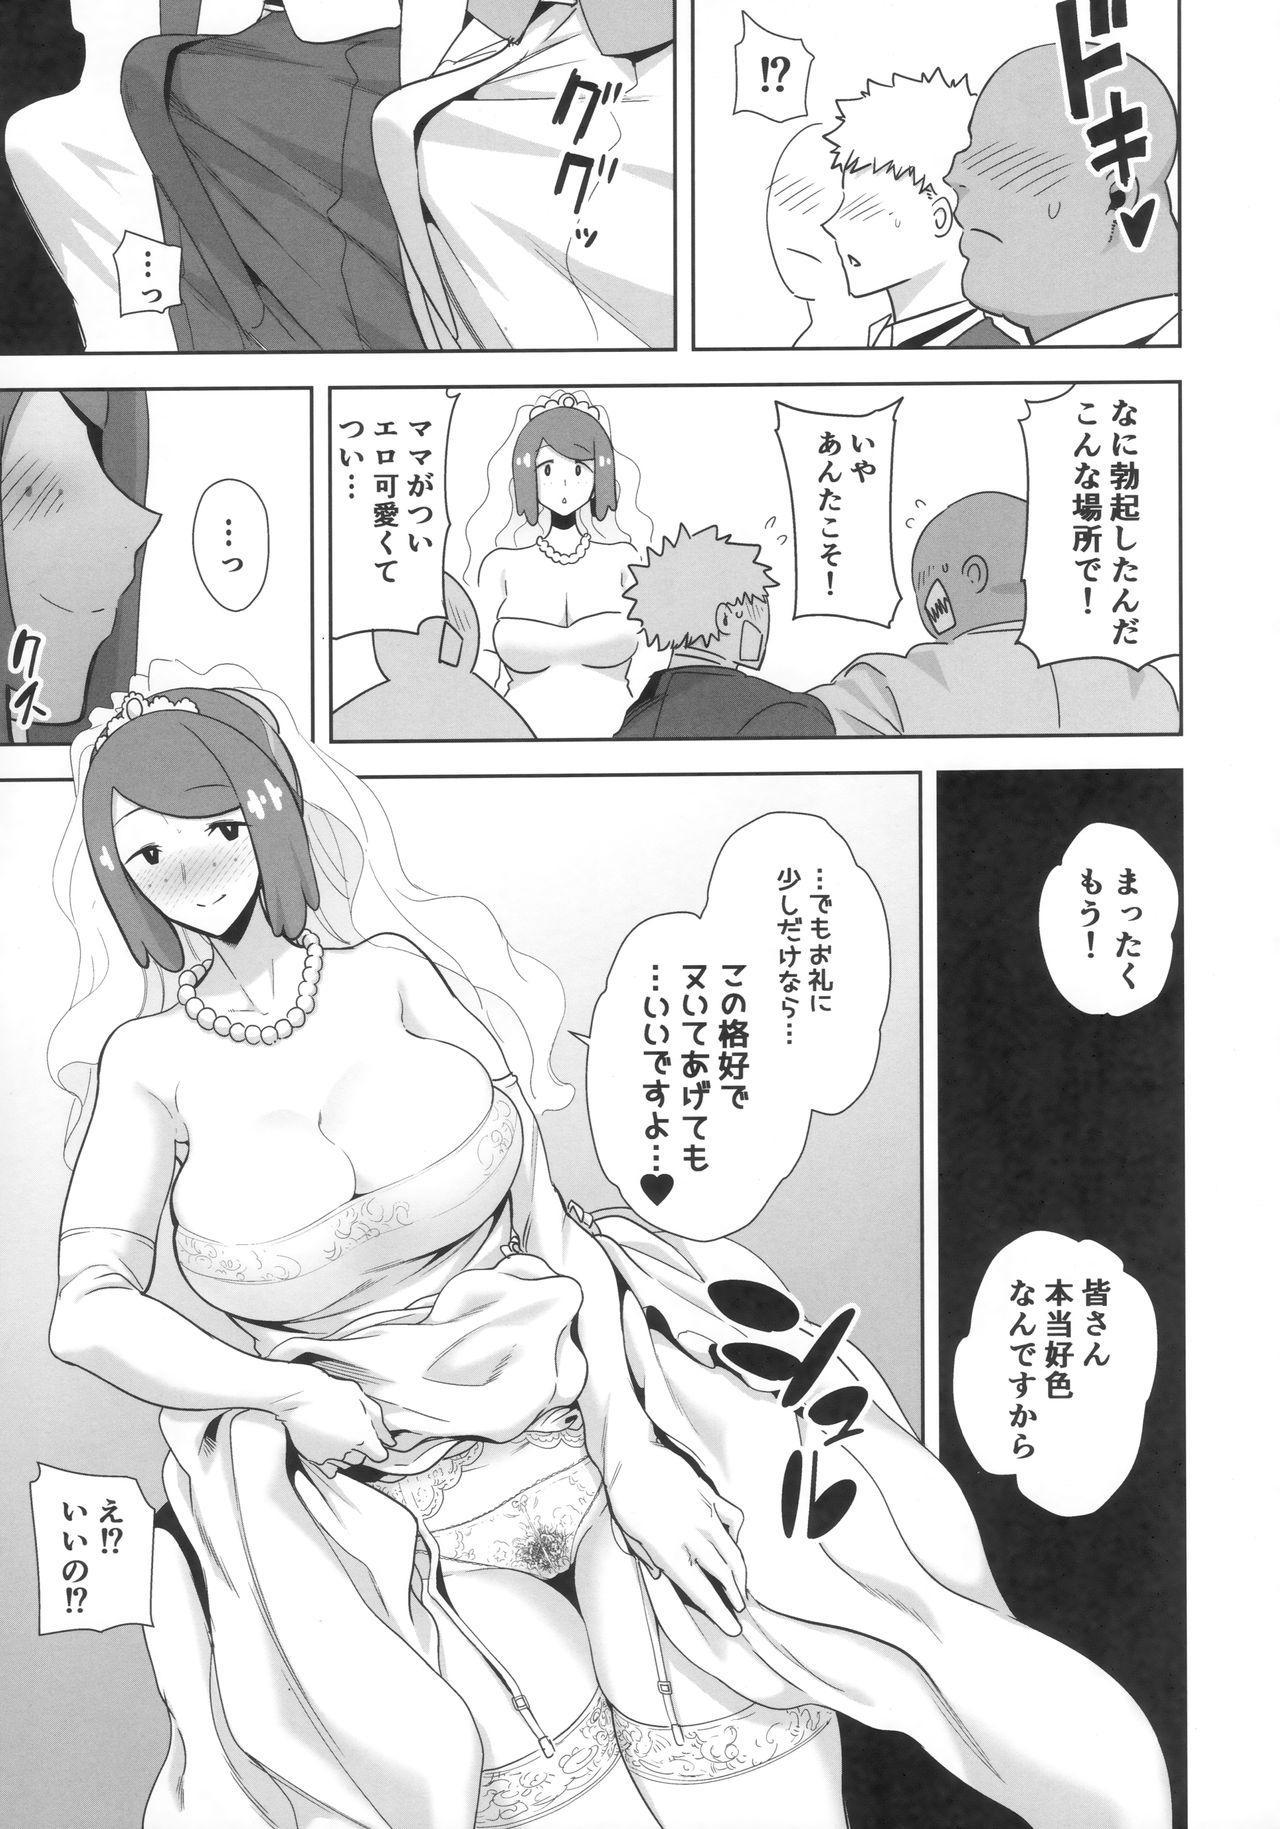 Alola no Yoru no Sugata 6 7